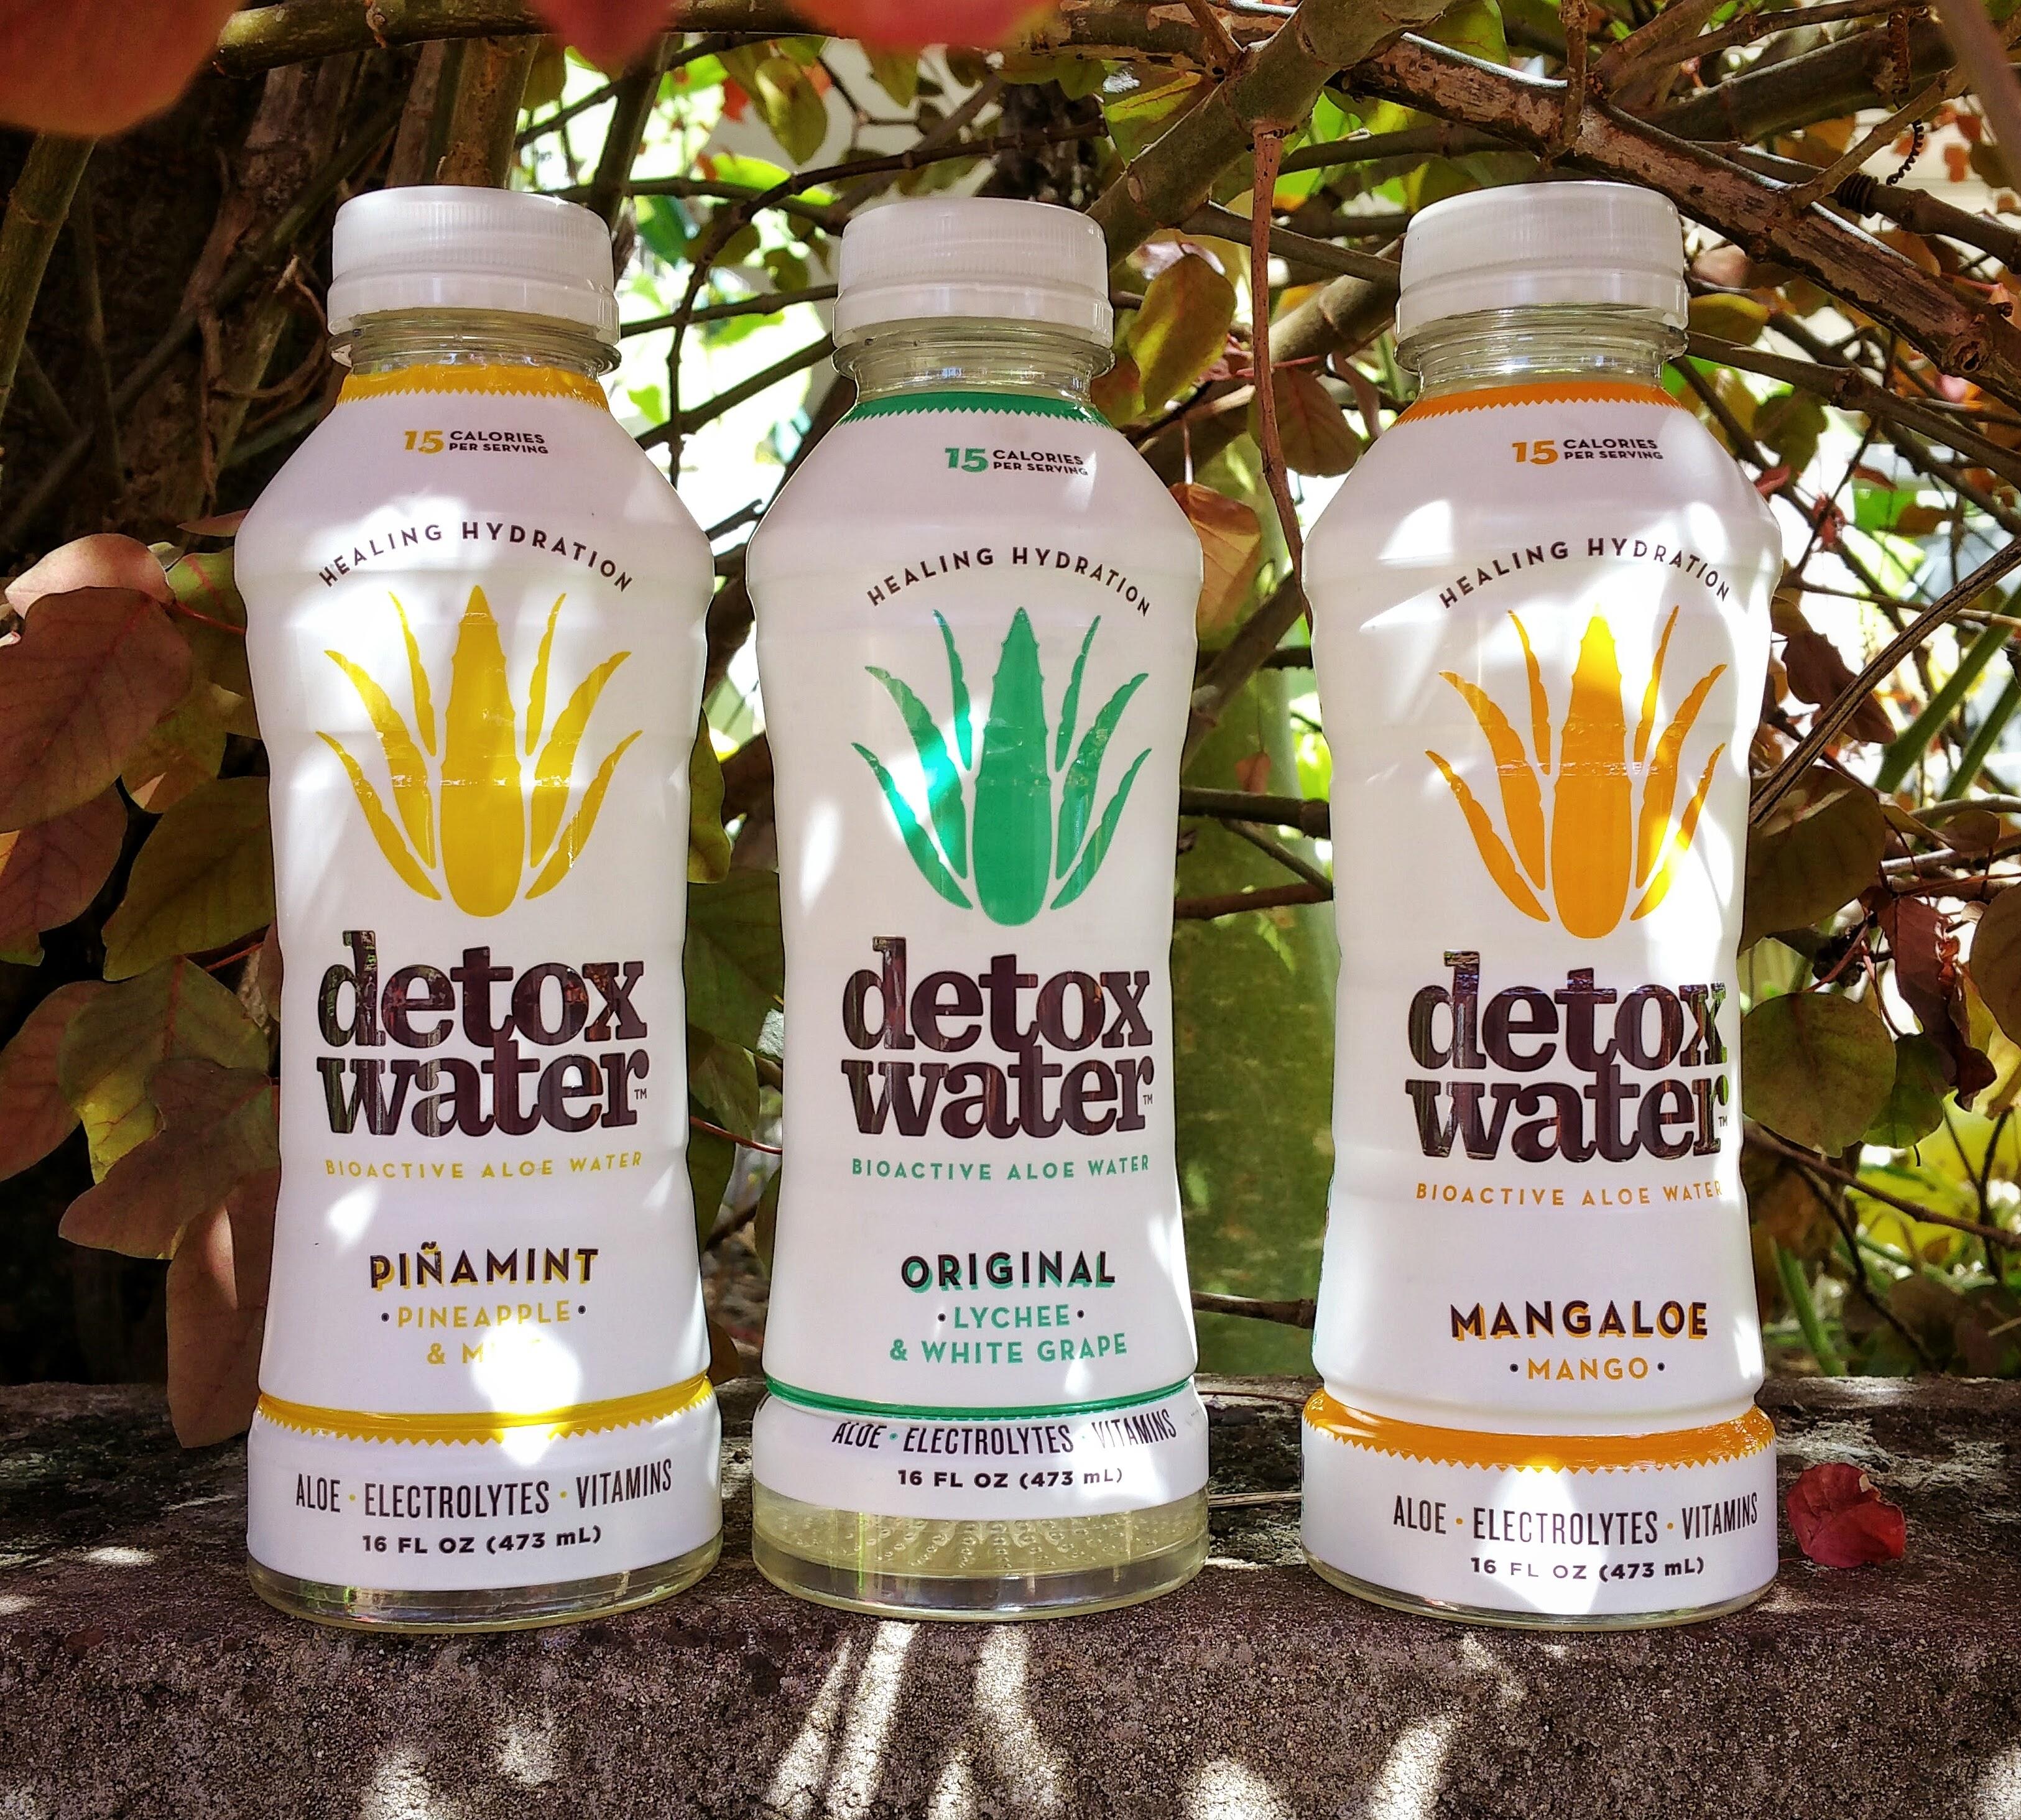 water, detox water, hydration, sports, aloe water, detox water aloe, aloe, electrolytes, vitamins, vitamin water, detox water review, healing hydration,